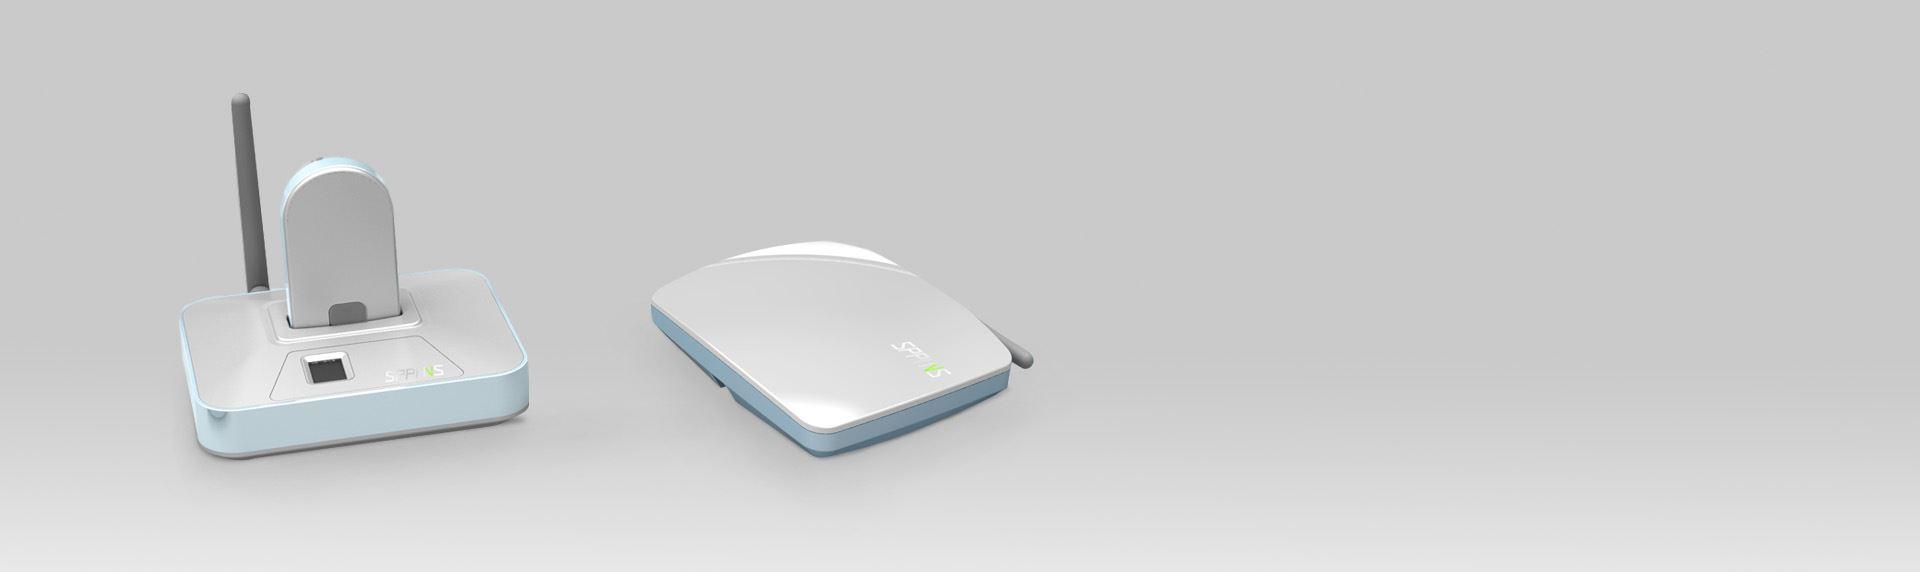 全网科技-紫外消毒仪控制监测仪